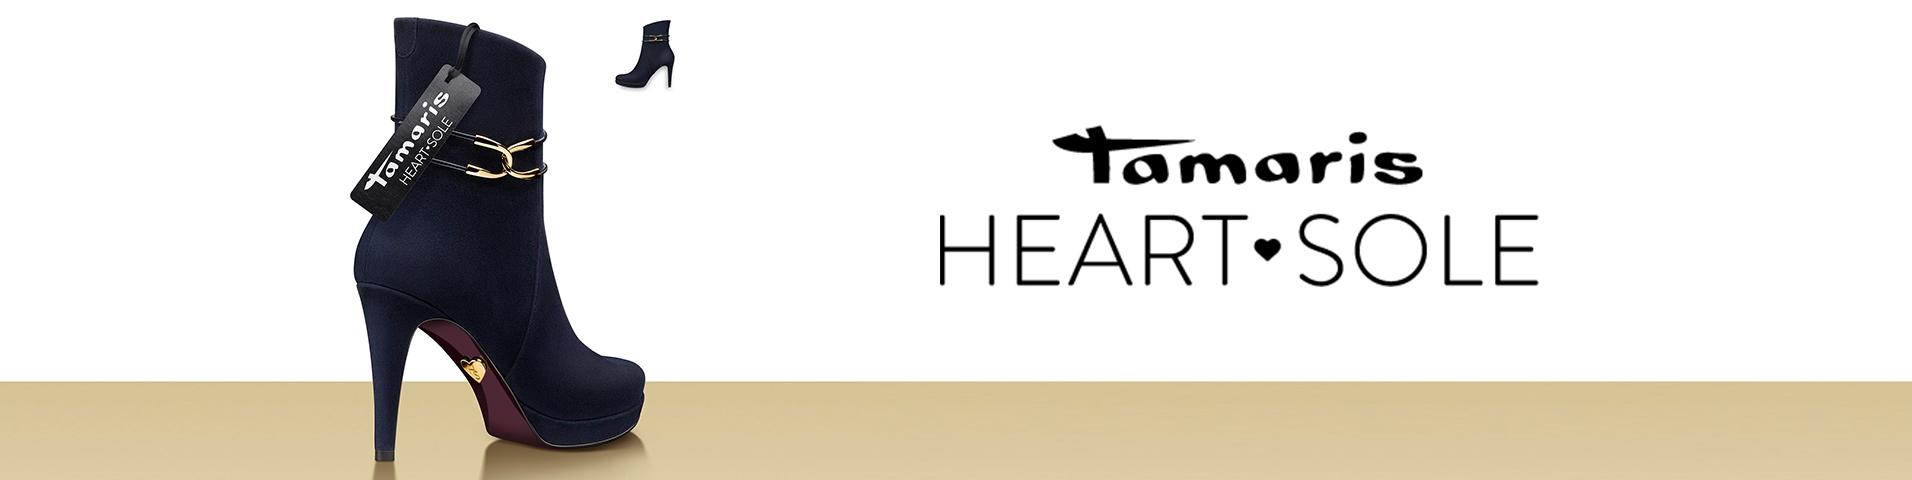 Tamaris Heart   Sole High Heels   Wir sagen High   starten die Schuh ... 60865822f9